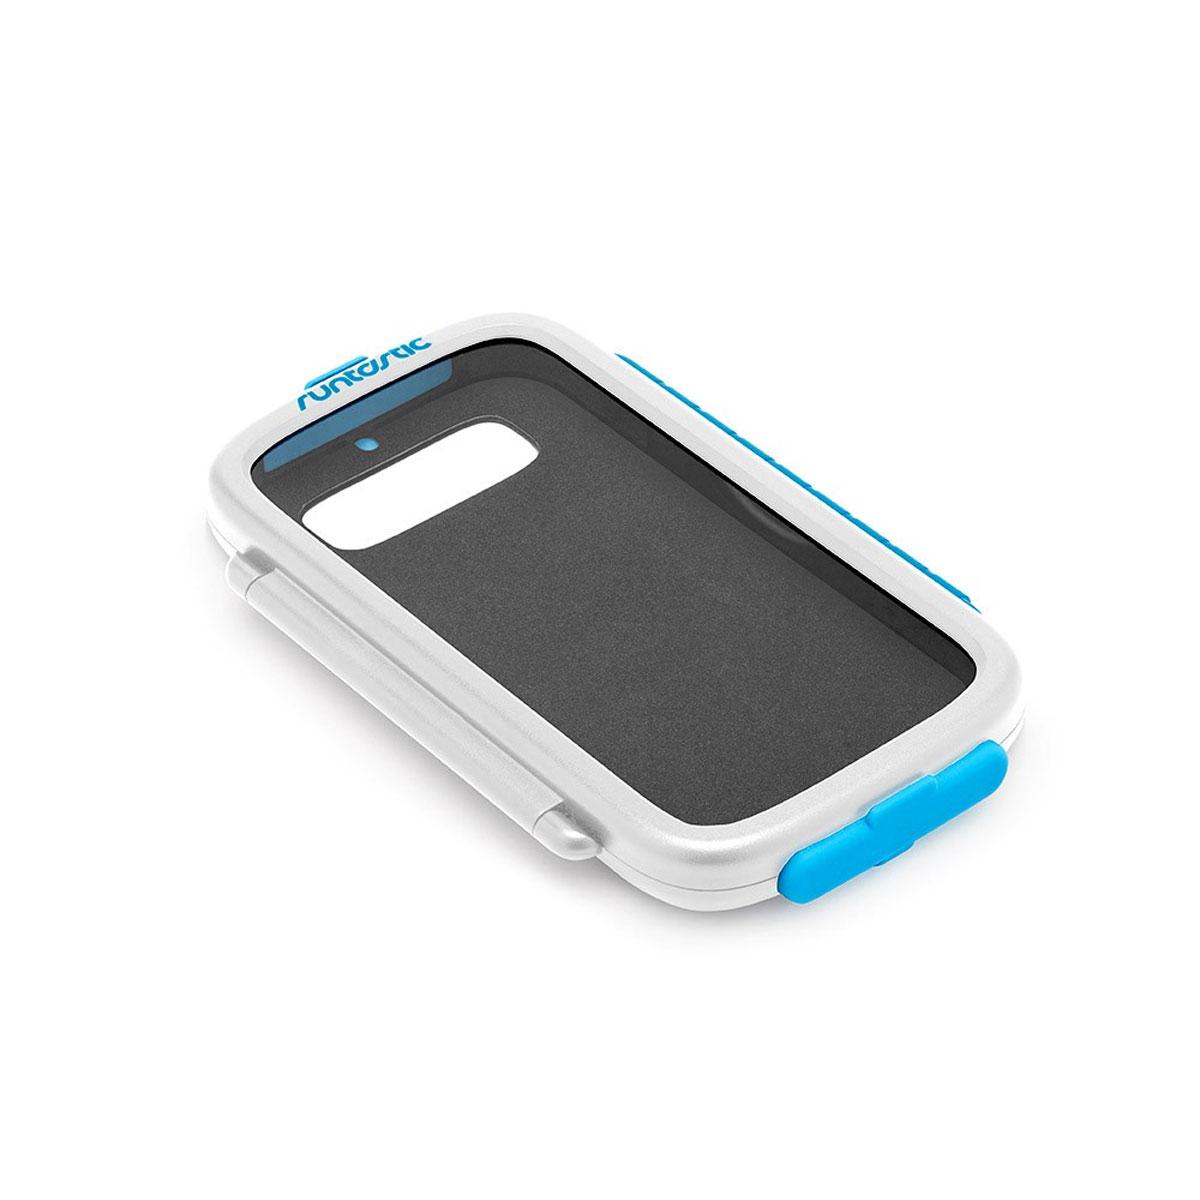 Крепление велосипедное Runtastic для смартфонов, цвет: белыйRNT_RUNCAA1WУниверсальное велосипедное крепление для смартфонов. Особенности крепления: Ударо- и пылезащитный корпус. Возможность работать с сенсорным экраном, использовать обе камеры и наушники. Устанавливается без использования инструментов на руль или вынос велосипеда. Смартфон можно установить горизонтально или вертикально на креплении. Мягкие вставки позволят разместить в чехле почти любой смартфон. Максимальный размер смартфона - 13.6 x 7 x 1.2 см.